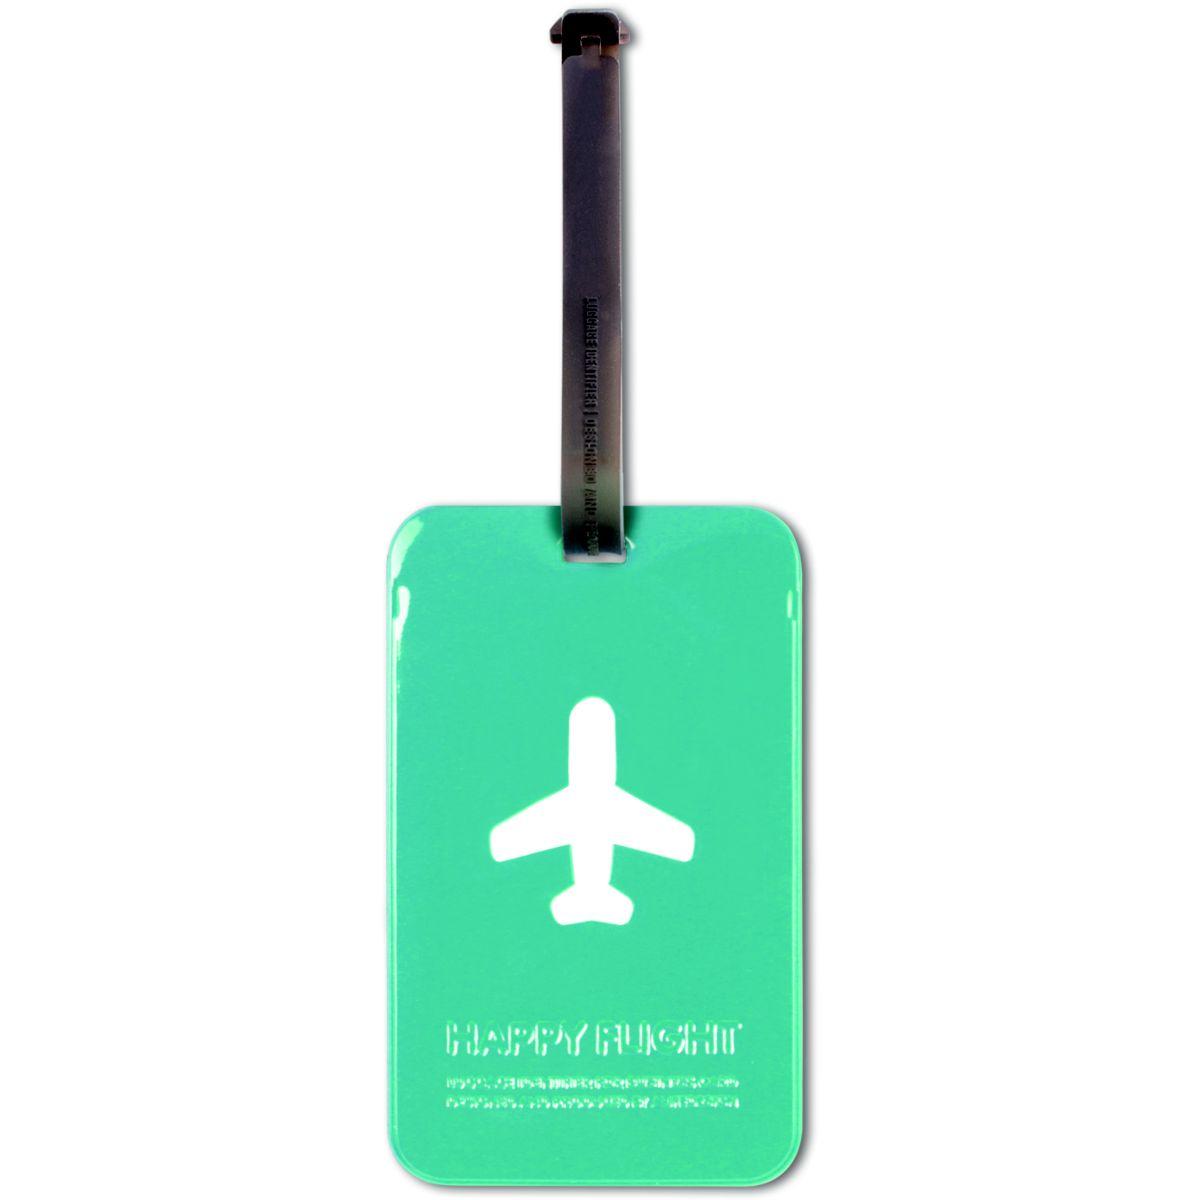 Accessoire alife etiquette valise bleue (photo)